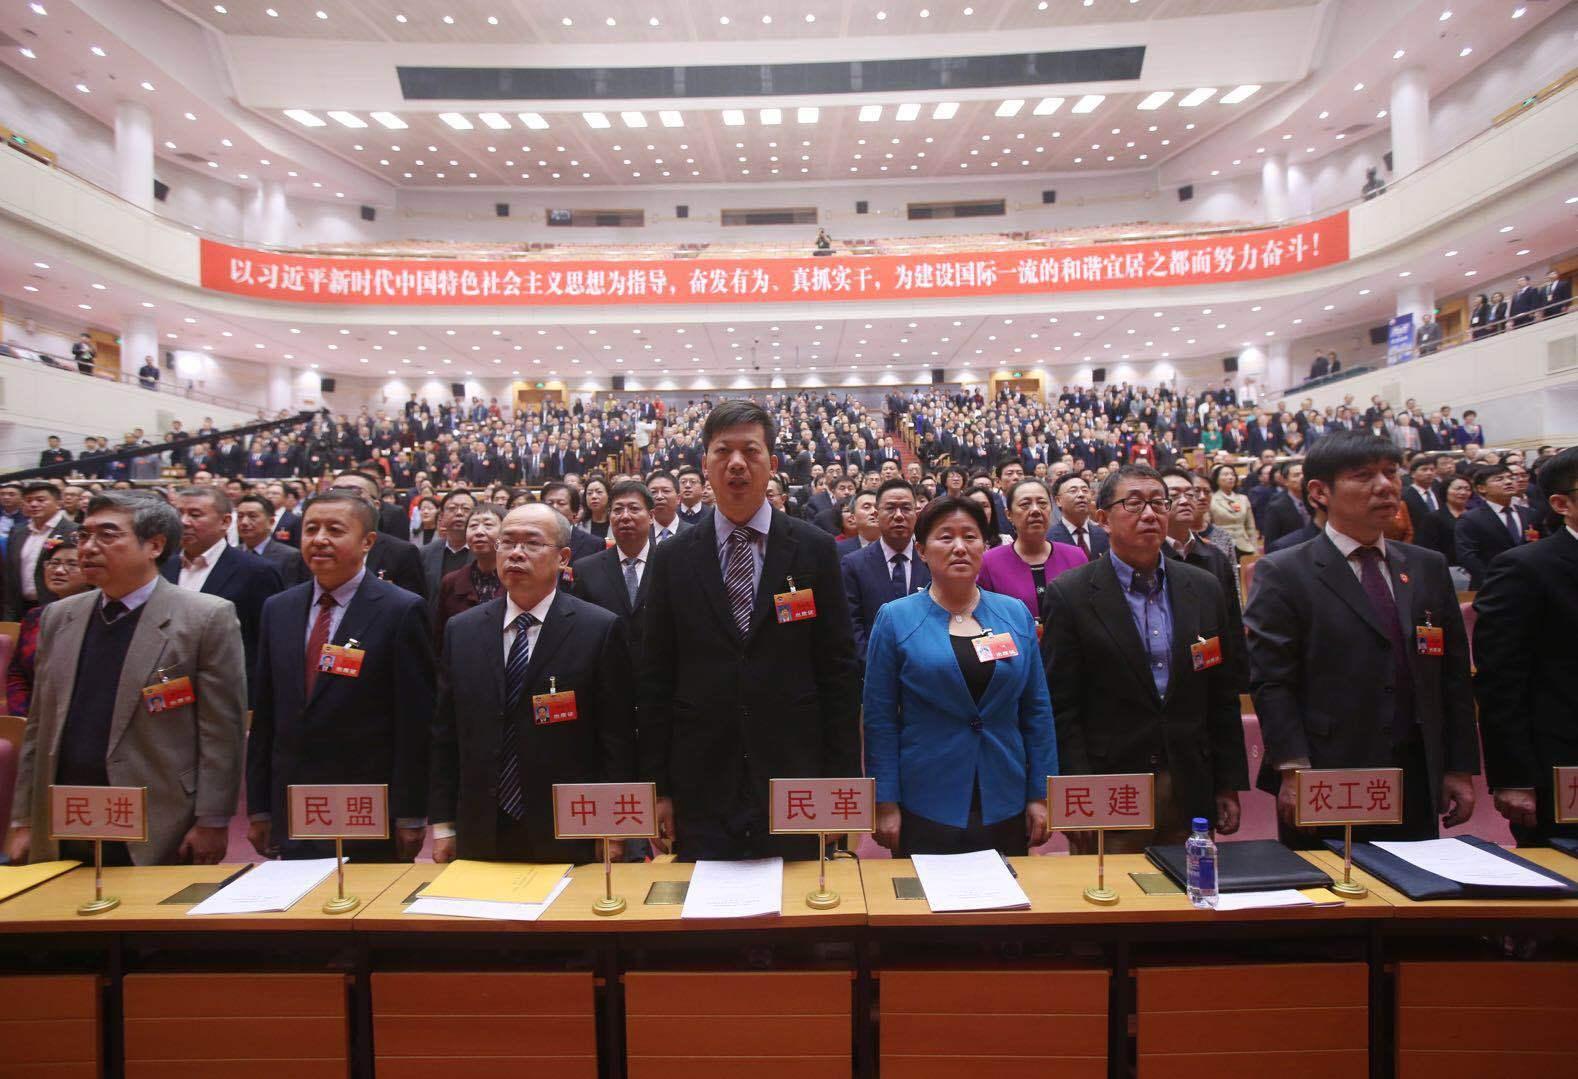 过去一年 北京市政协已实现党的组织全覆盖